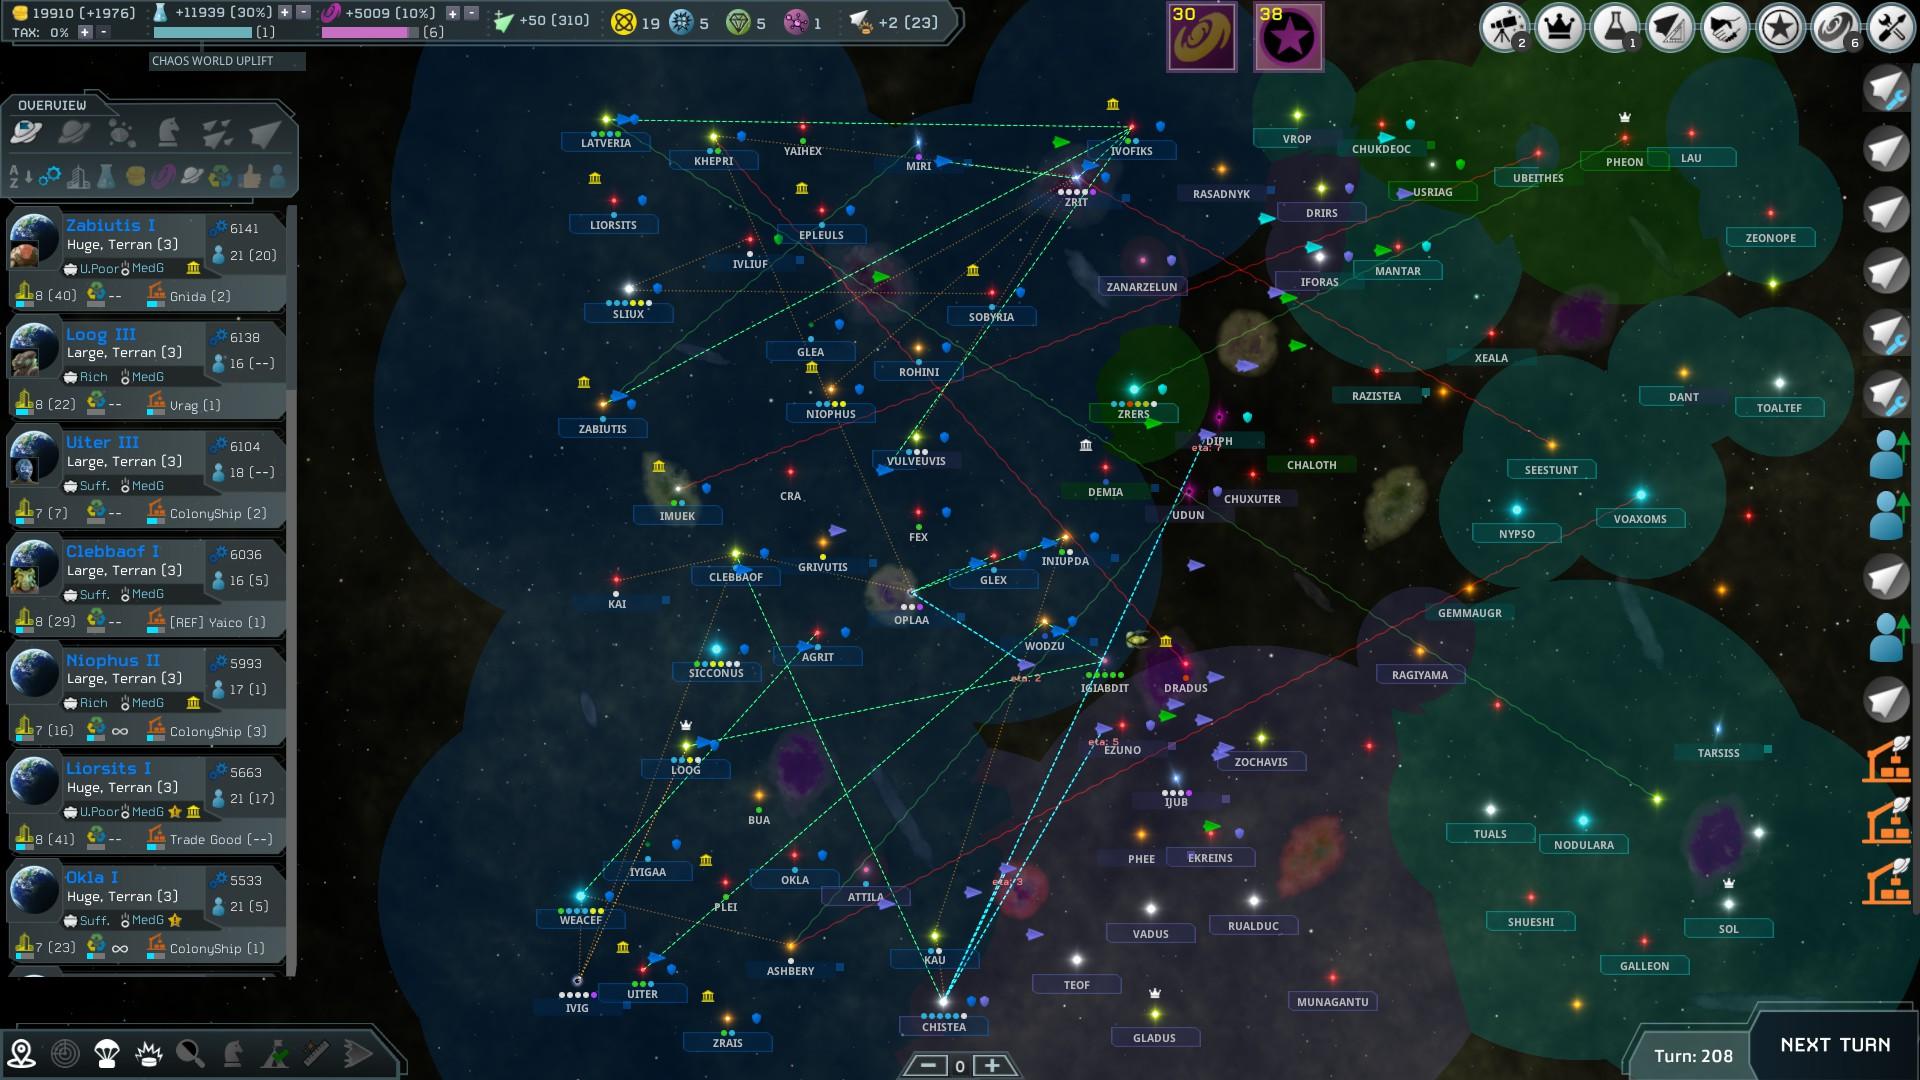 game_screen.jpg